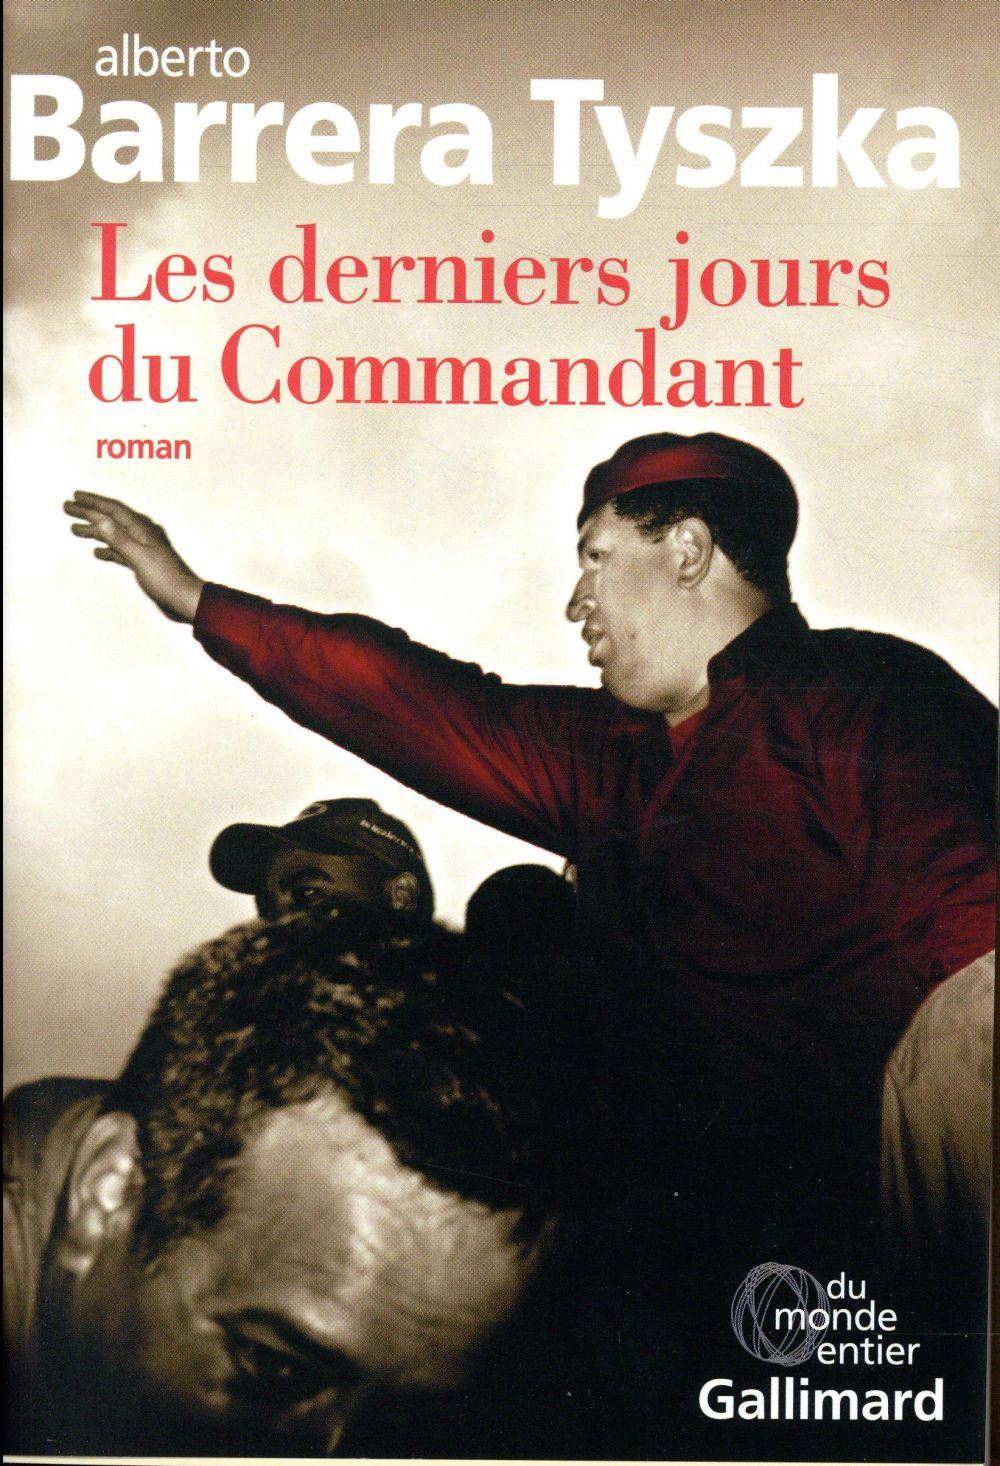 LES DERNIERS JOURS DU COMMANDANT